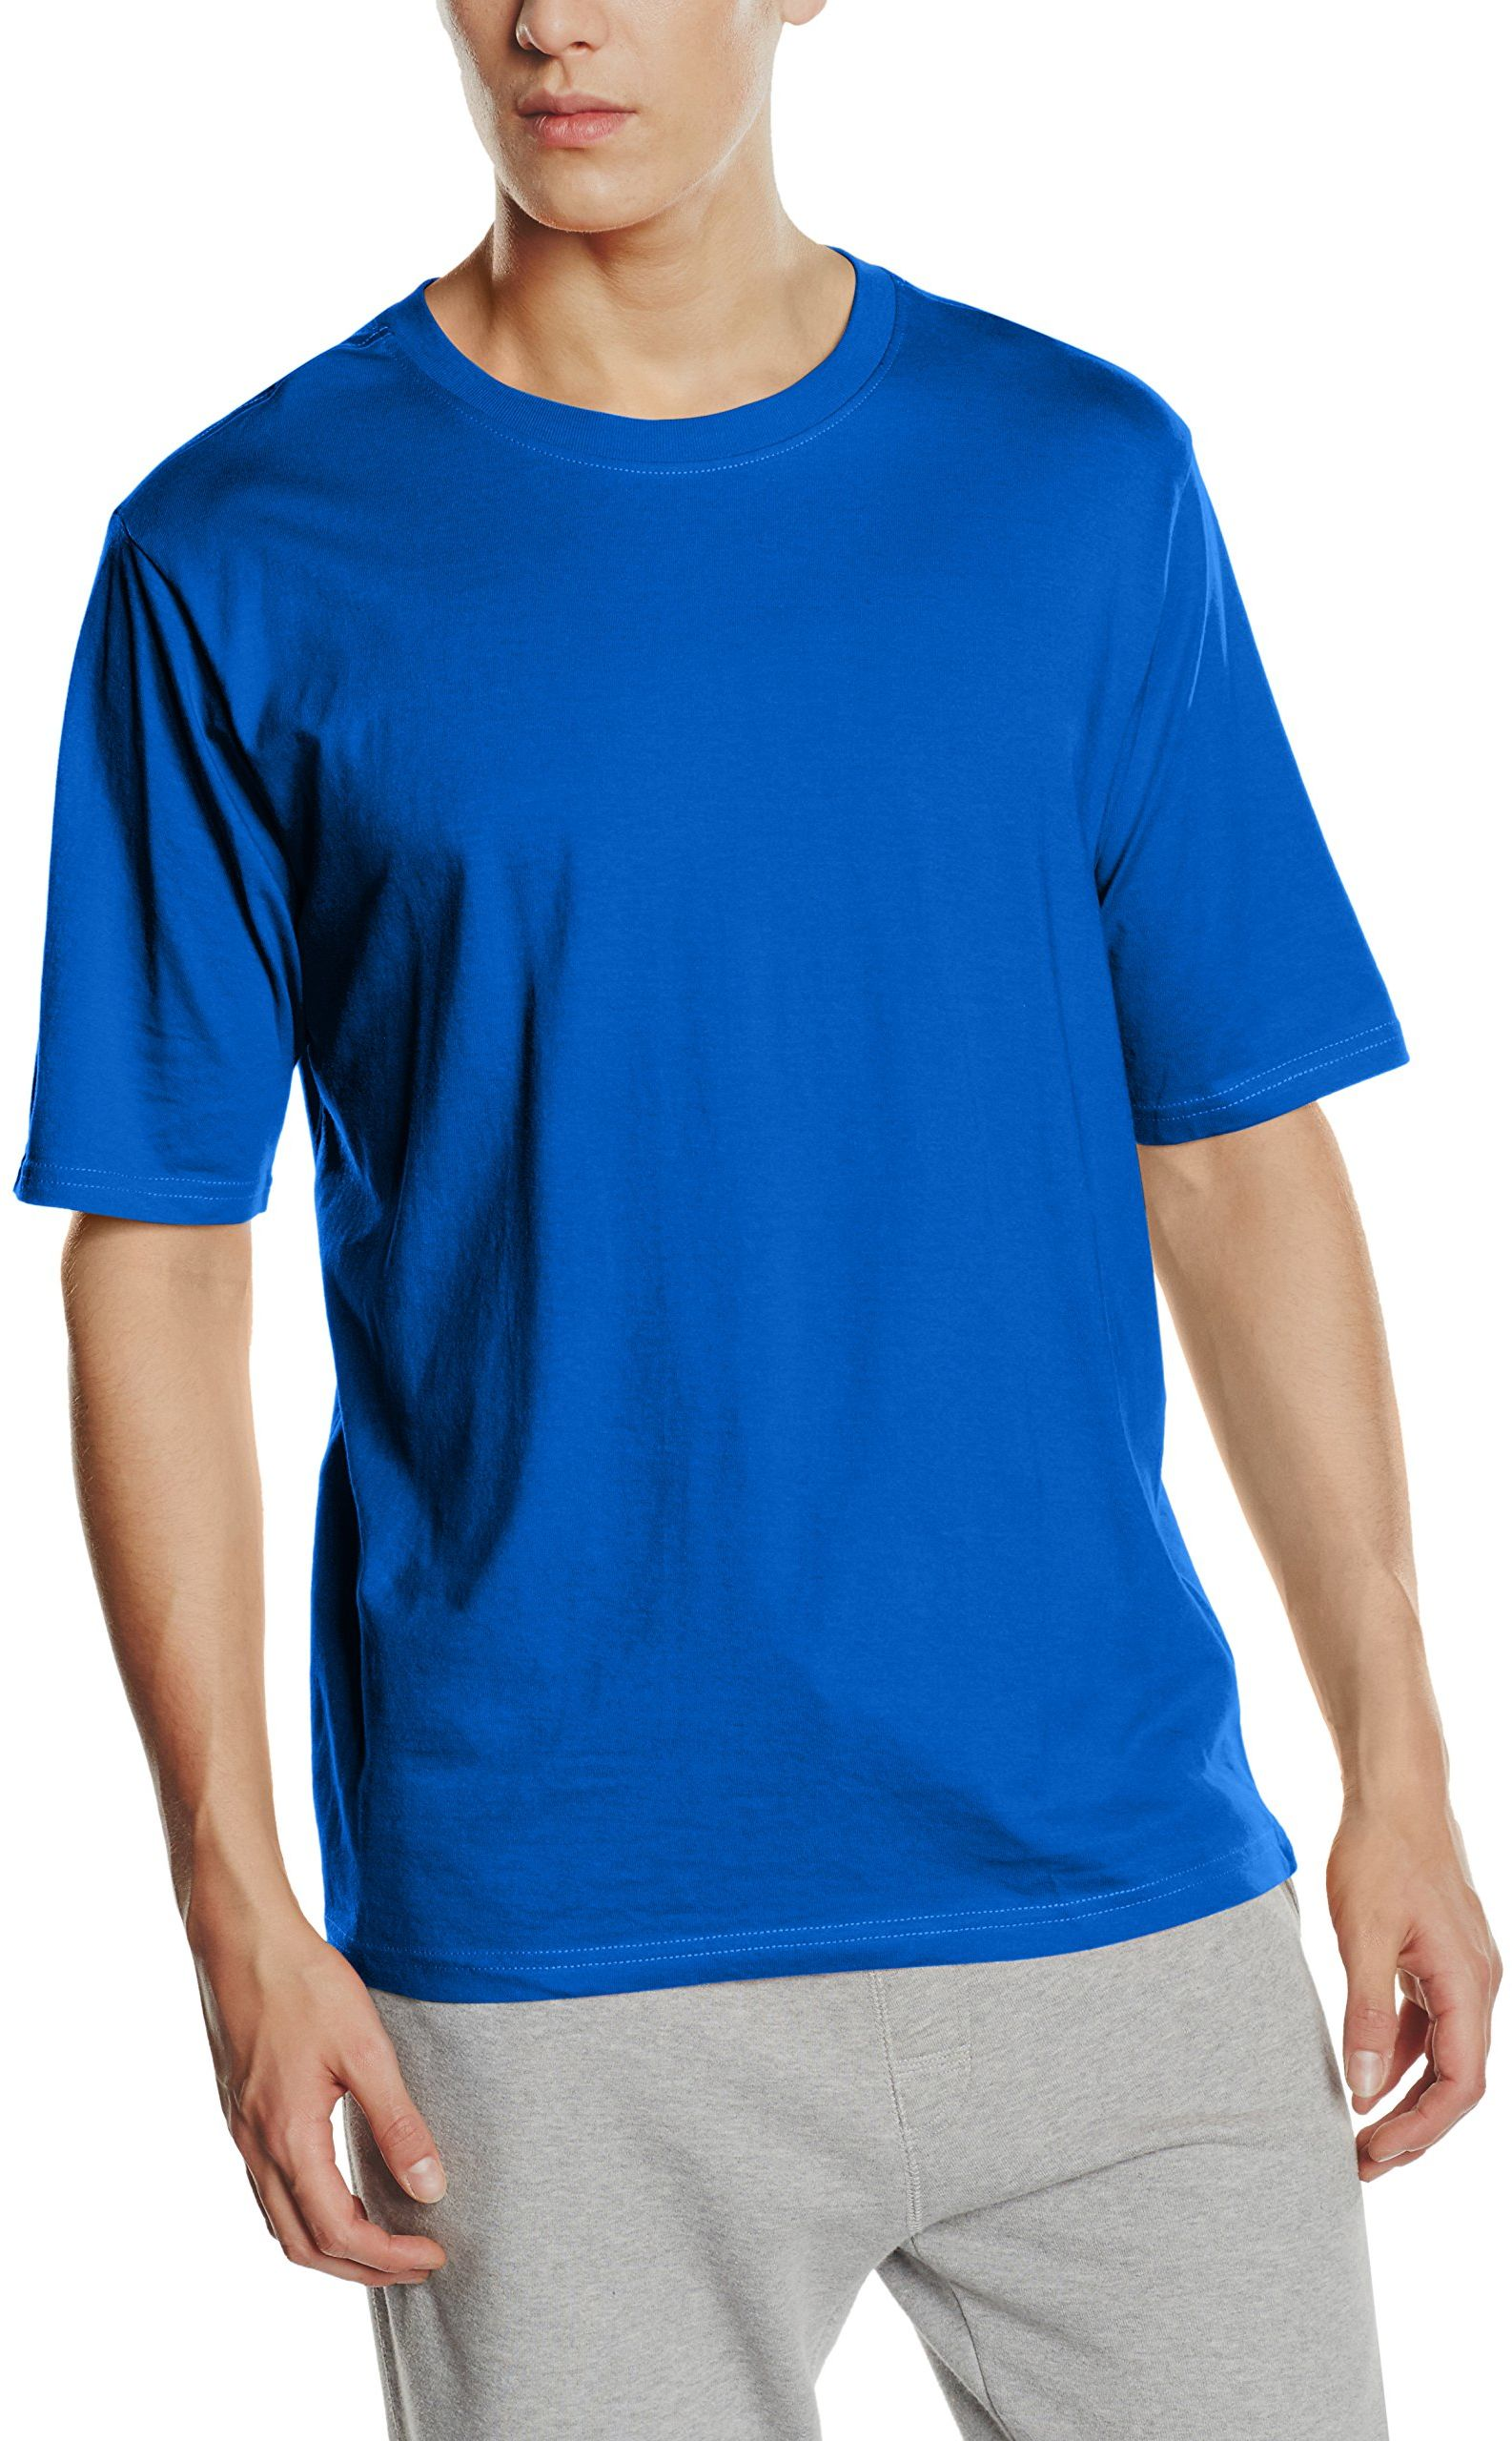 Jako T-shirt Team niebieski Royal 42